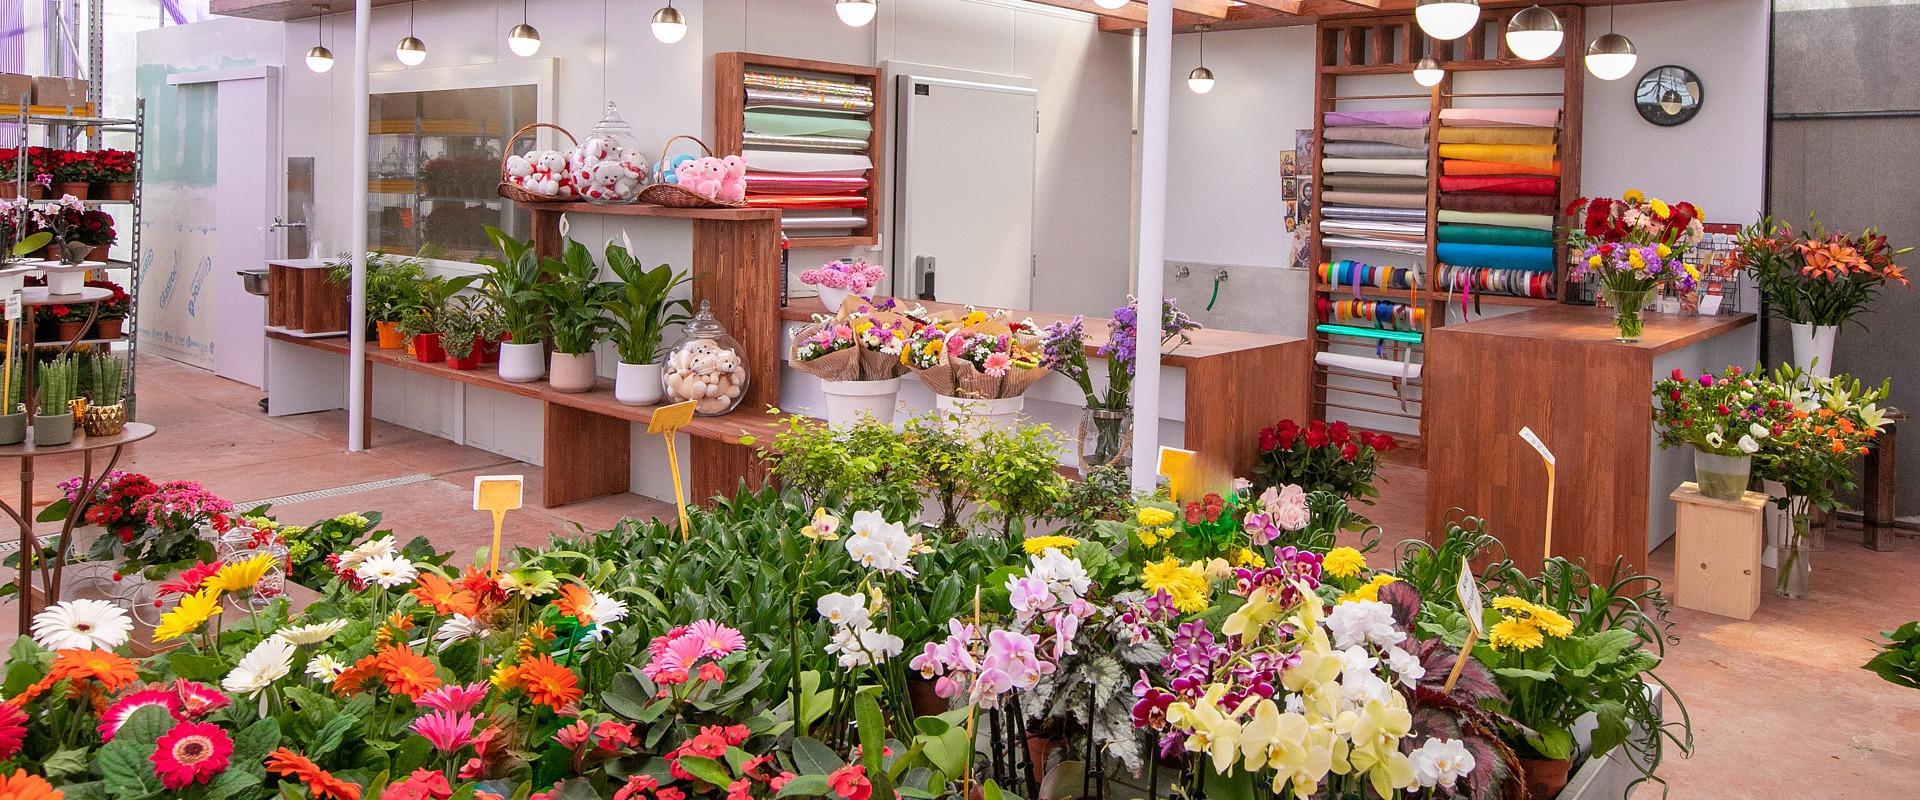 gardening gifts garden center Crete